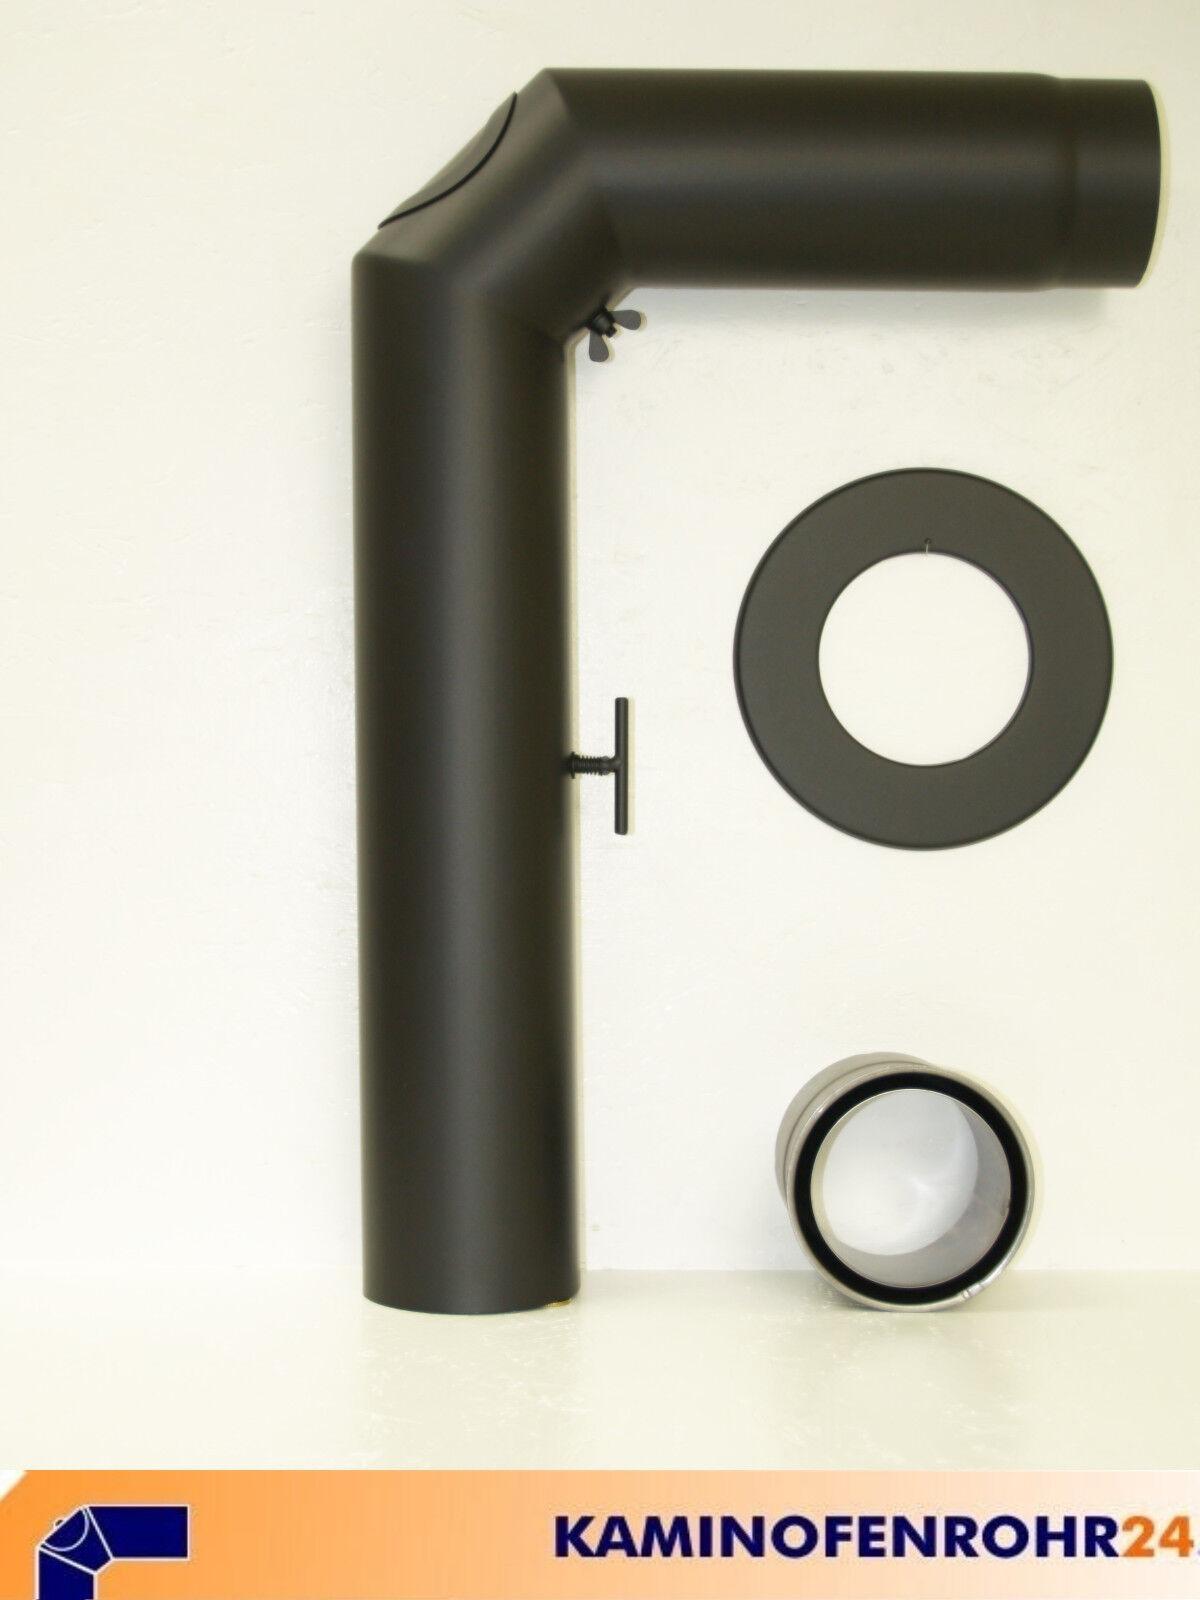 Ofenrohr Rauchrohr Rauchrohrset 3tlg. Set Schwarz 120 mm Ofenrohrset